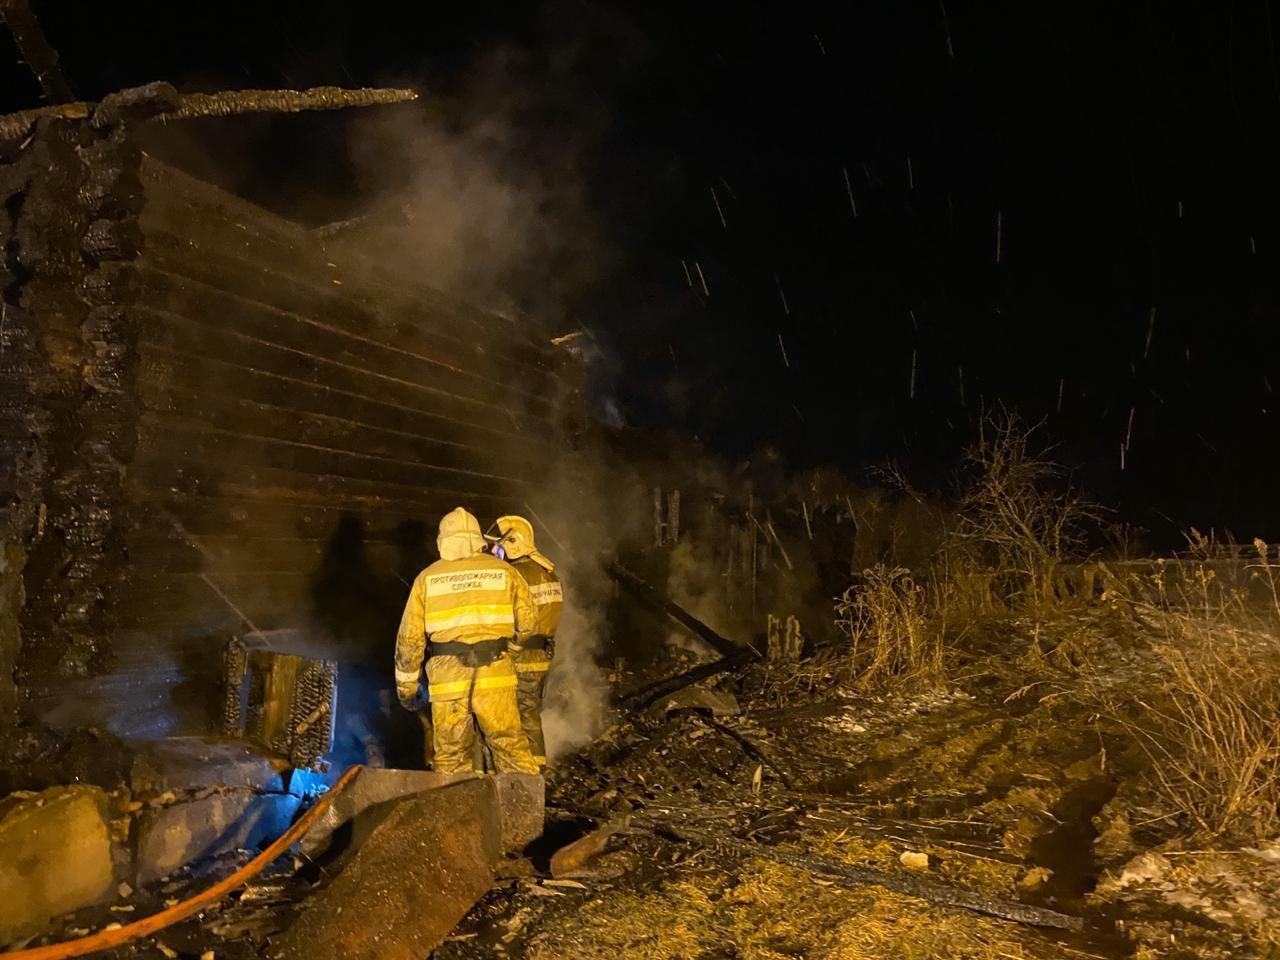 Правительство Ярославской области окажет всю помощь пострадавшим во время пожара в Борисоглебском районе